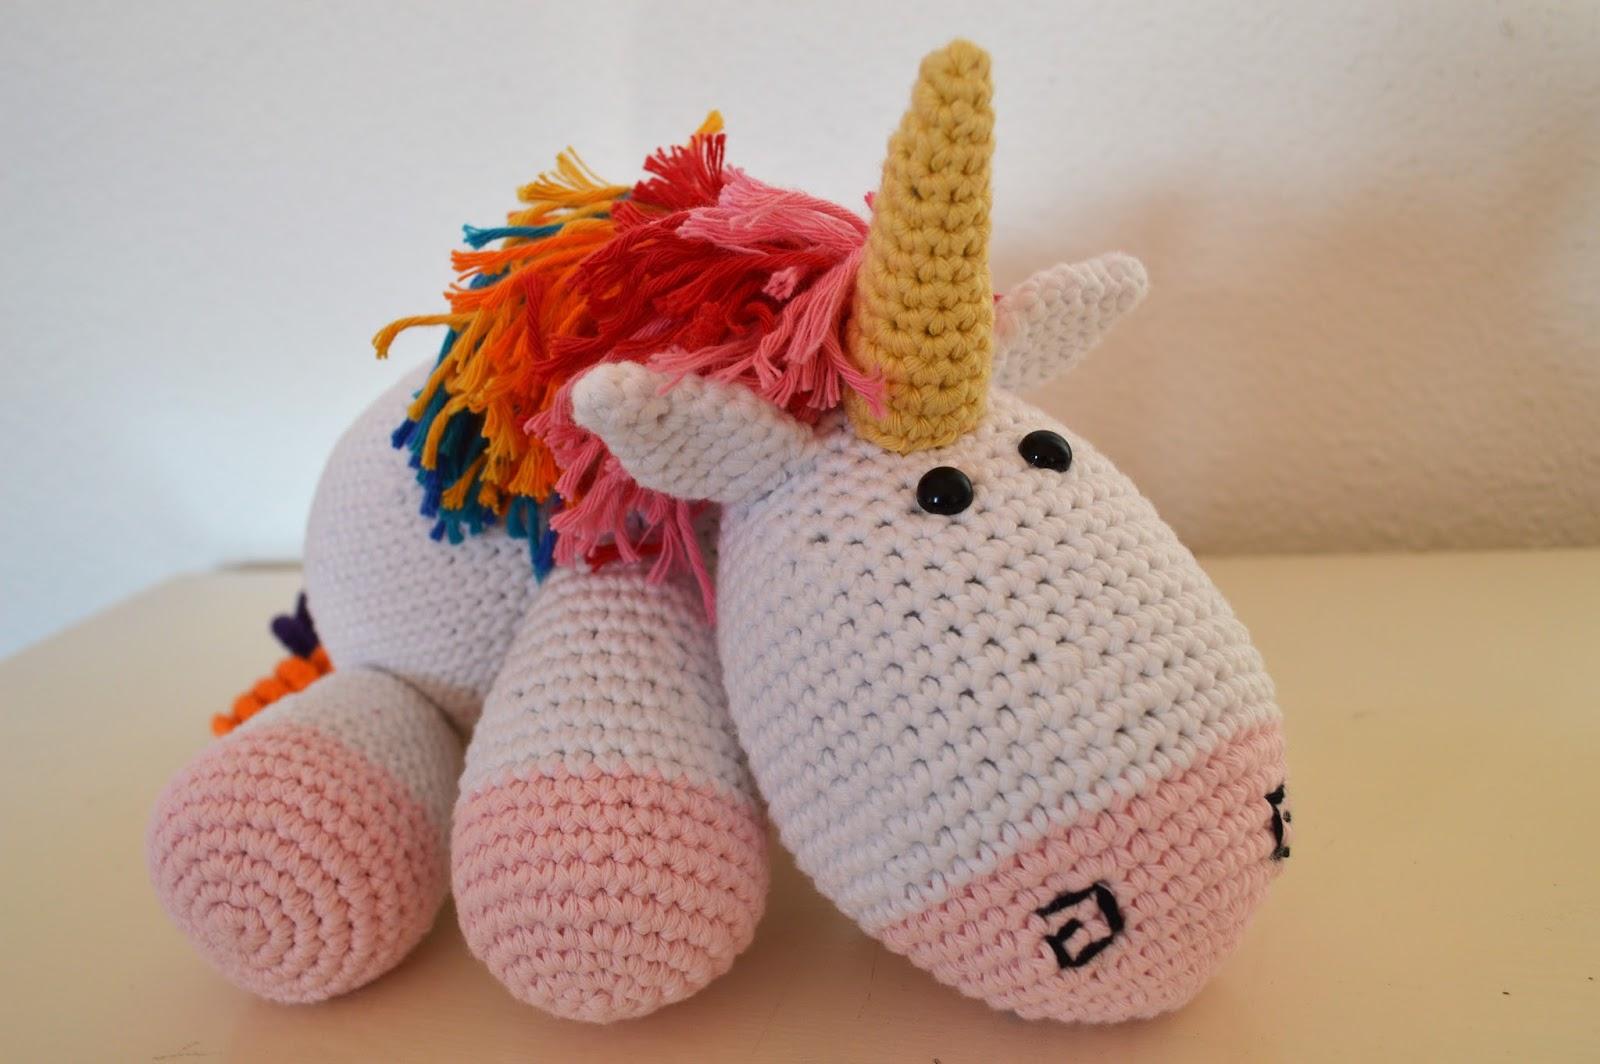 Populaire Fée du tricot: Une licorne arc-en-ciel au crochet XT15